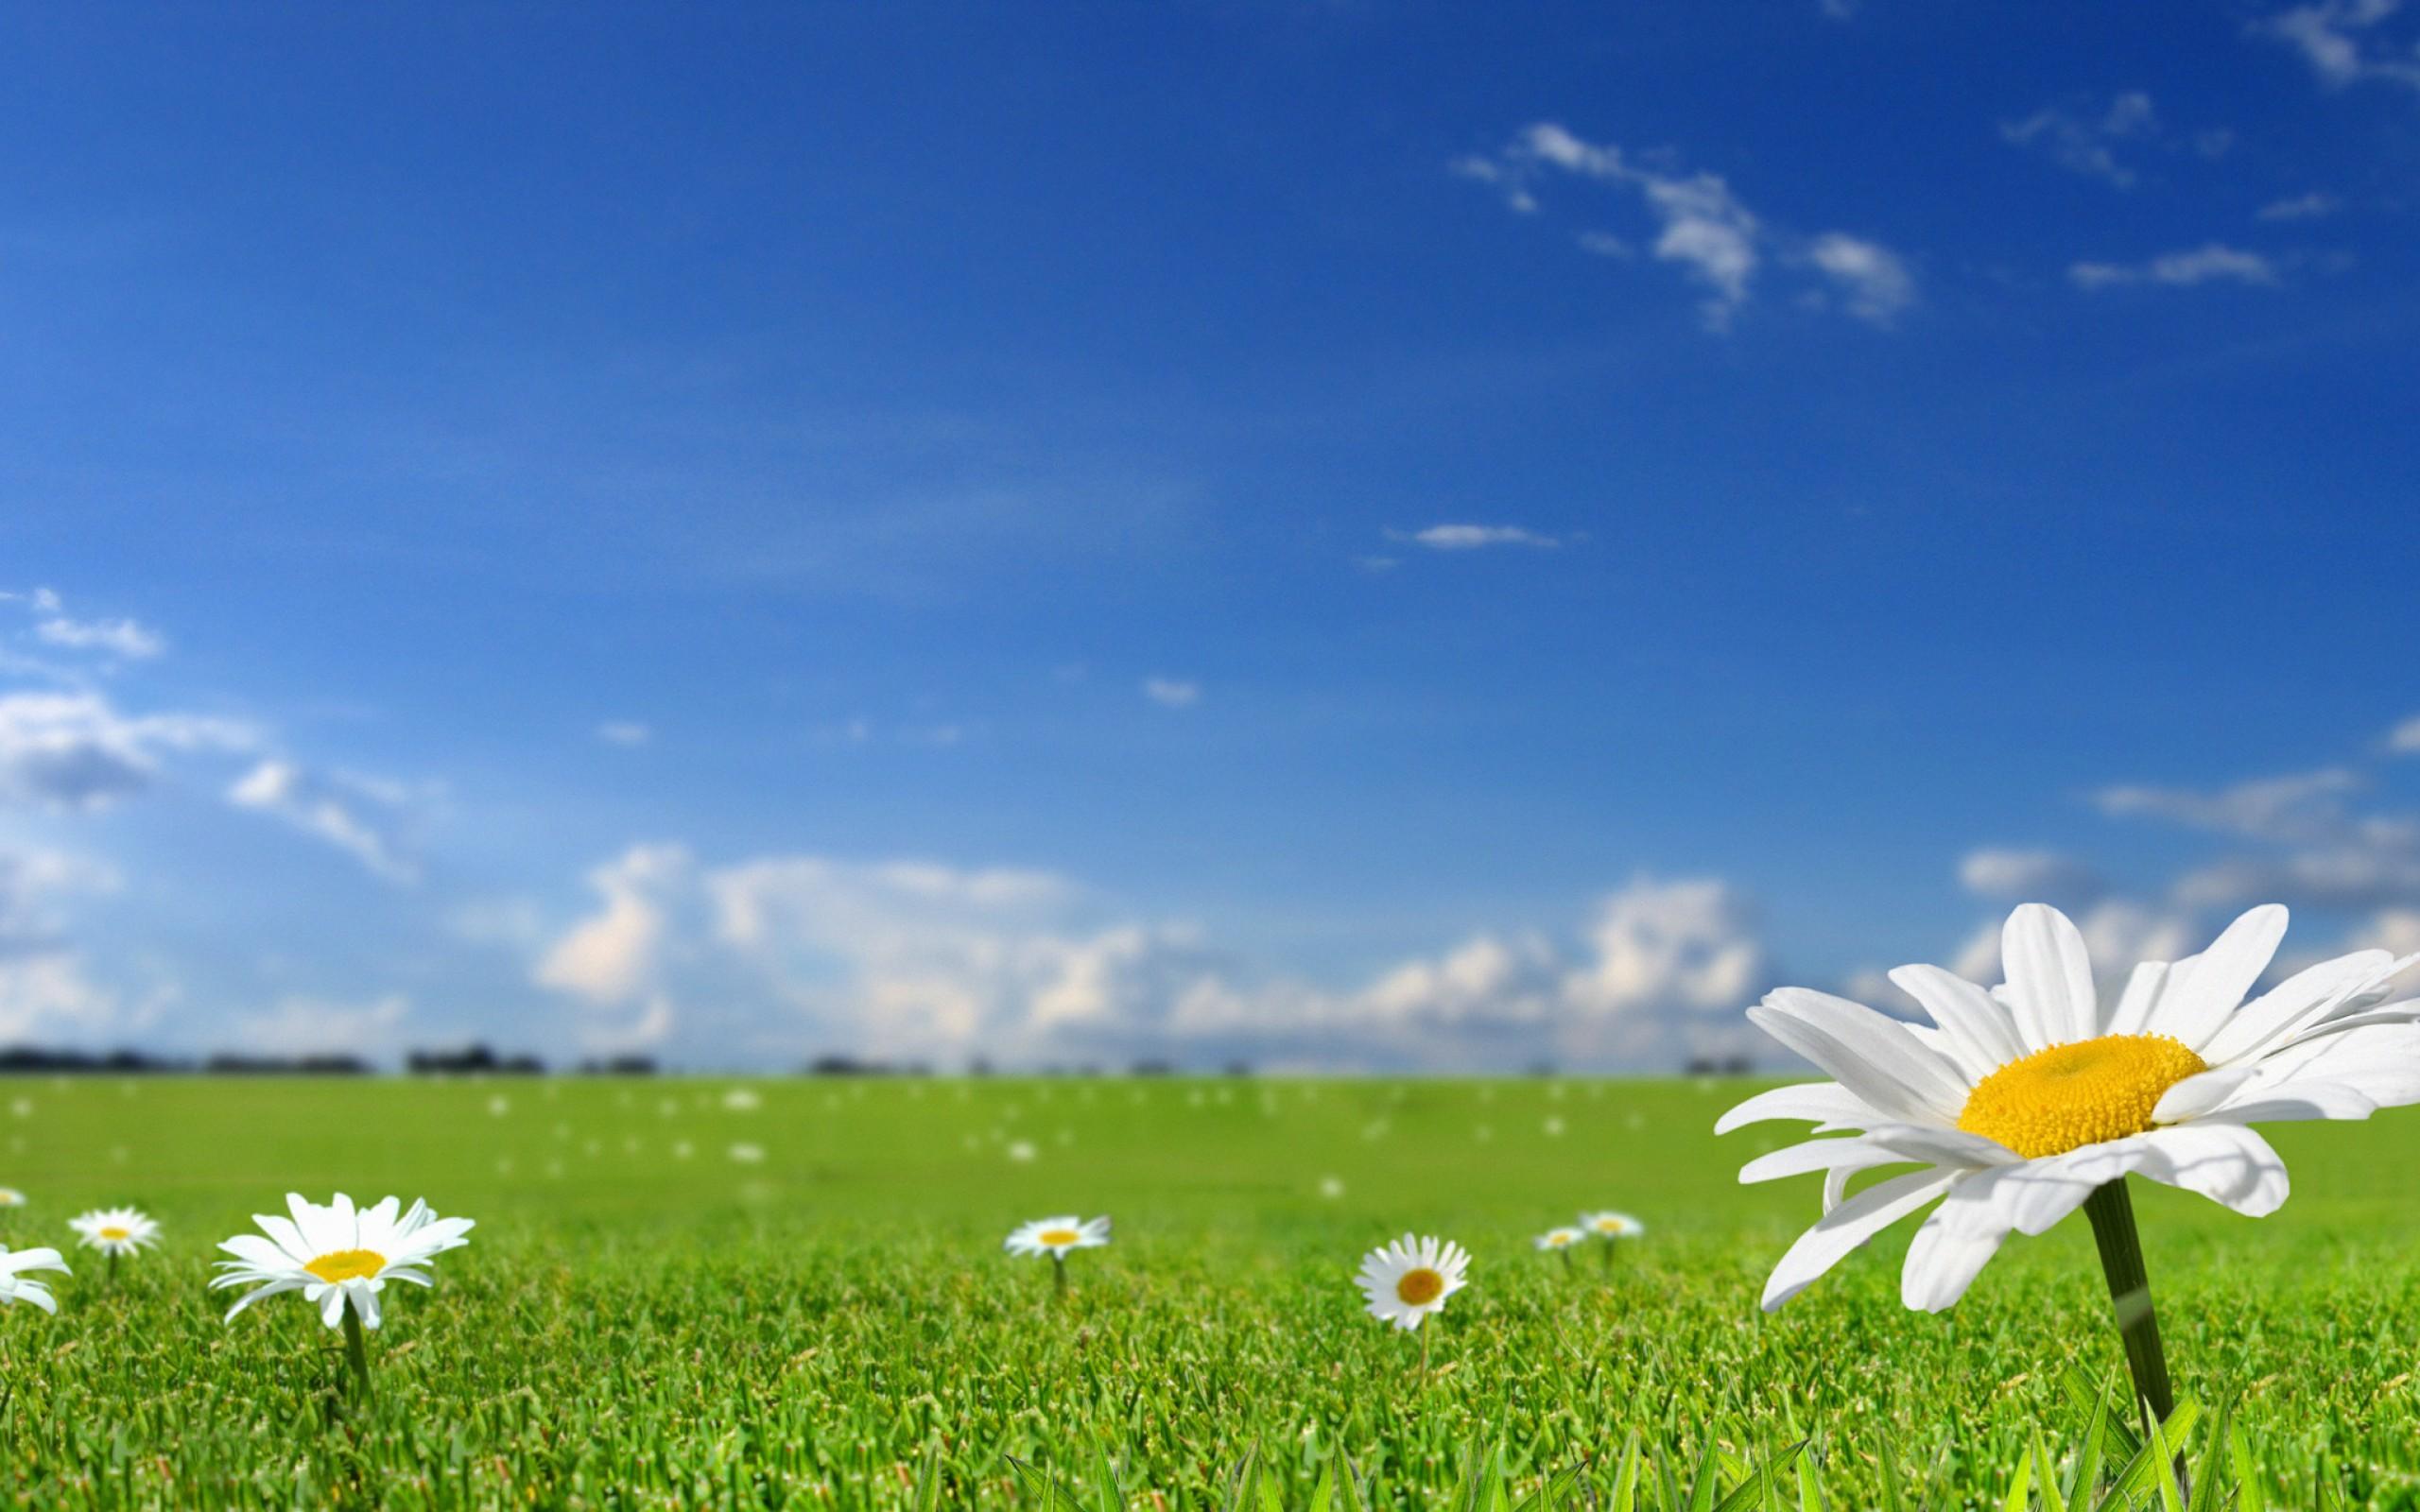 цветы в поле обои на рабочий стол